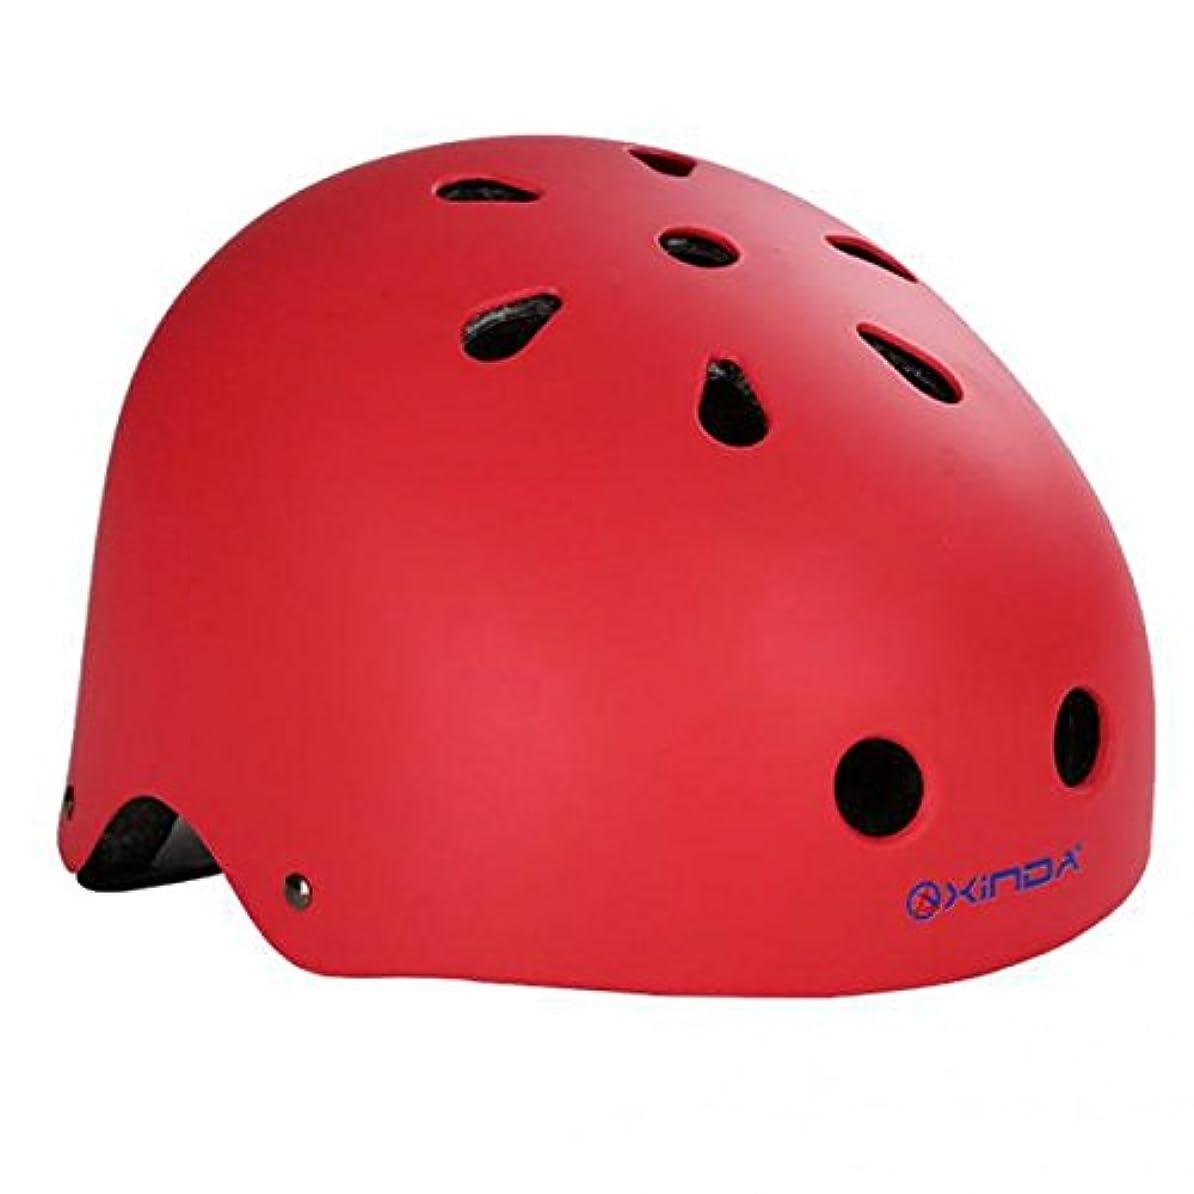 毎回サミュエルビデオノーブランド品 2個 キッズ 懸垂下降 クライミング ヘルメット ヘッドプロテクター 柔らかい 通気性 全3サイズ - M